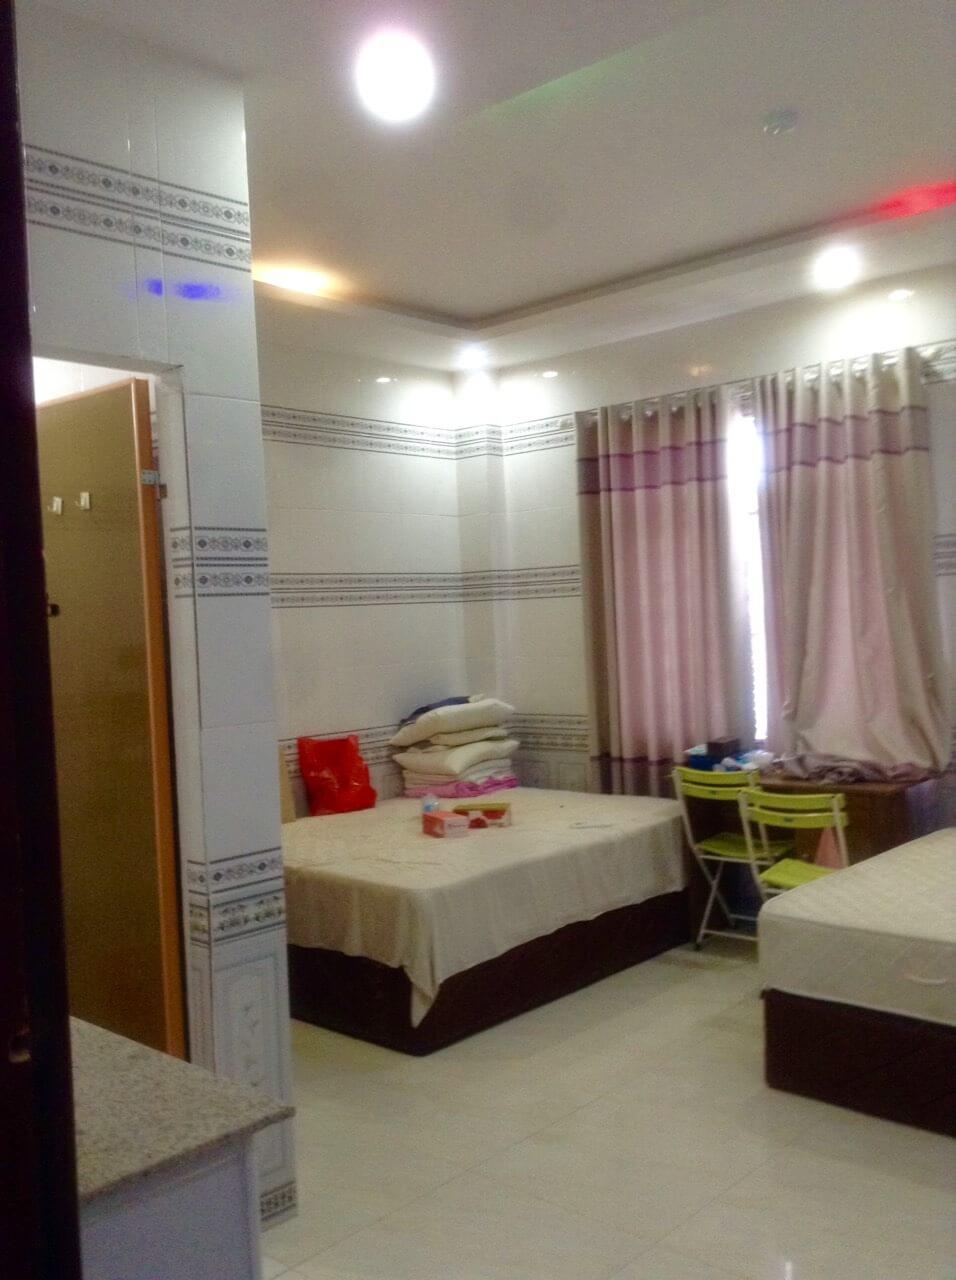 phòng đôi căn hộ Thủy Sơn 5 - Hòa Hải - Ngũ Hành Sơn